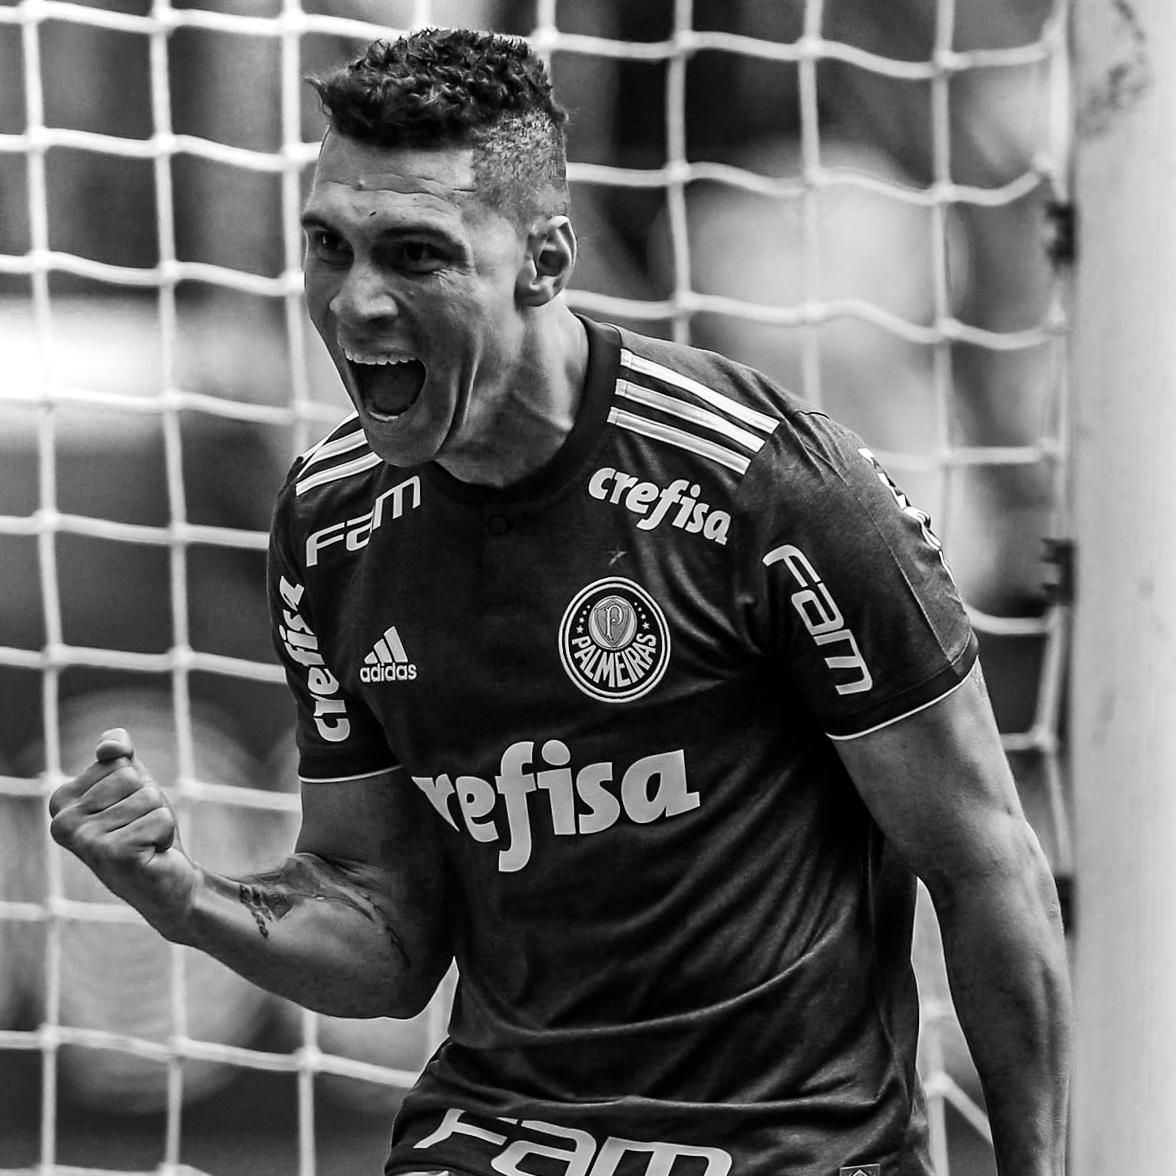 Moisés Lima Magalhães, 32 anos, meio-campo, bicampeão brasileiro pelo Palmeiras. instagram.com/moiseslima twitter.com/moiseslima10 facebook.com/moisesprofeta tiktok: @moiseslima